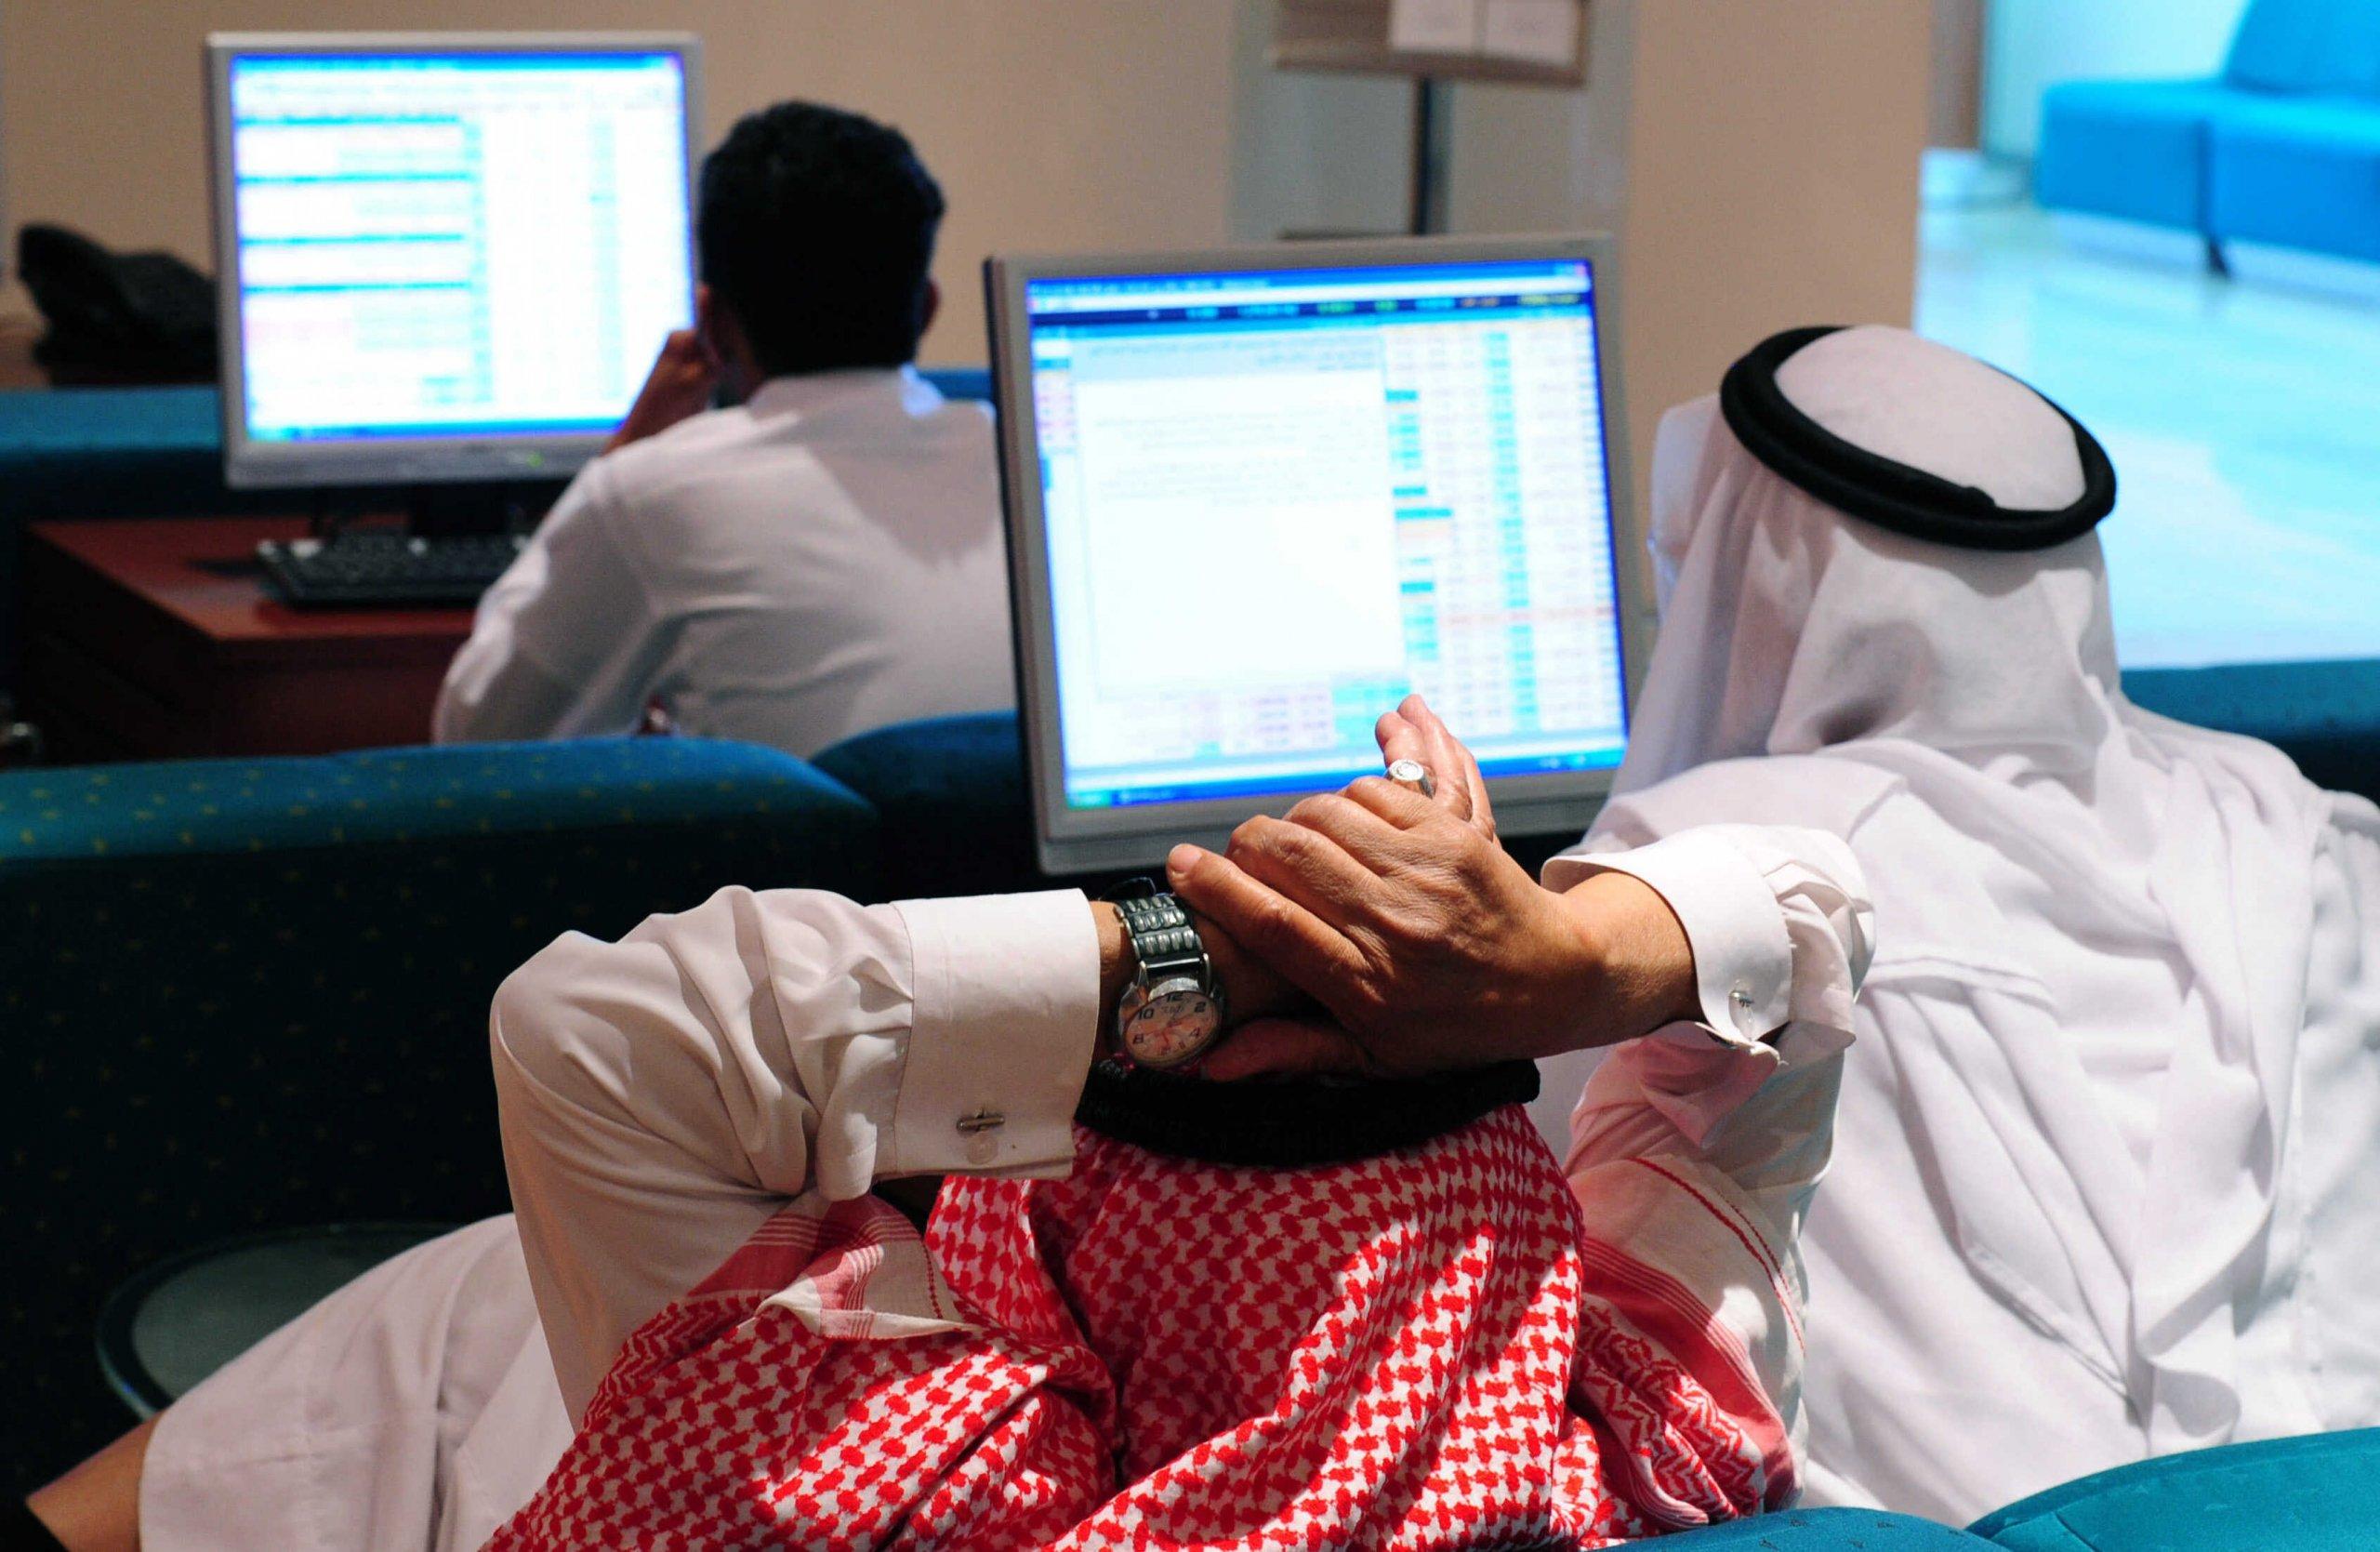 لِم لا يزال خط أرباح الشركات مسطّحًا رغم النموّ الاقتصادي في دول الخليج العربية